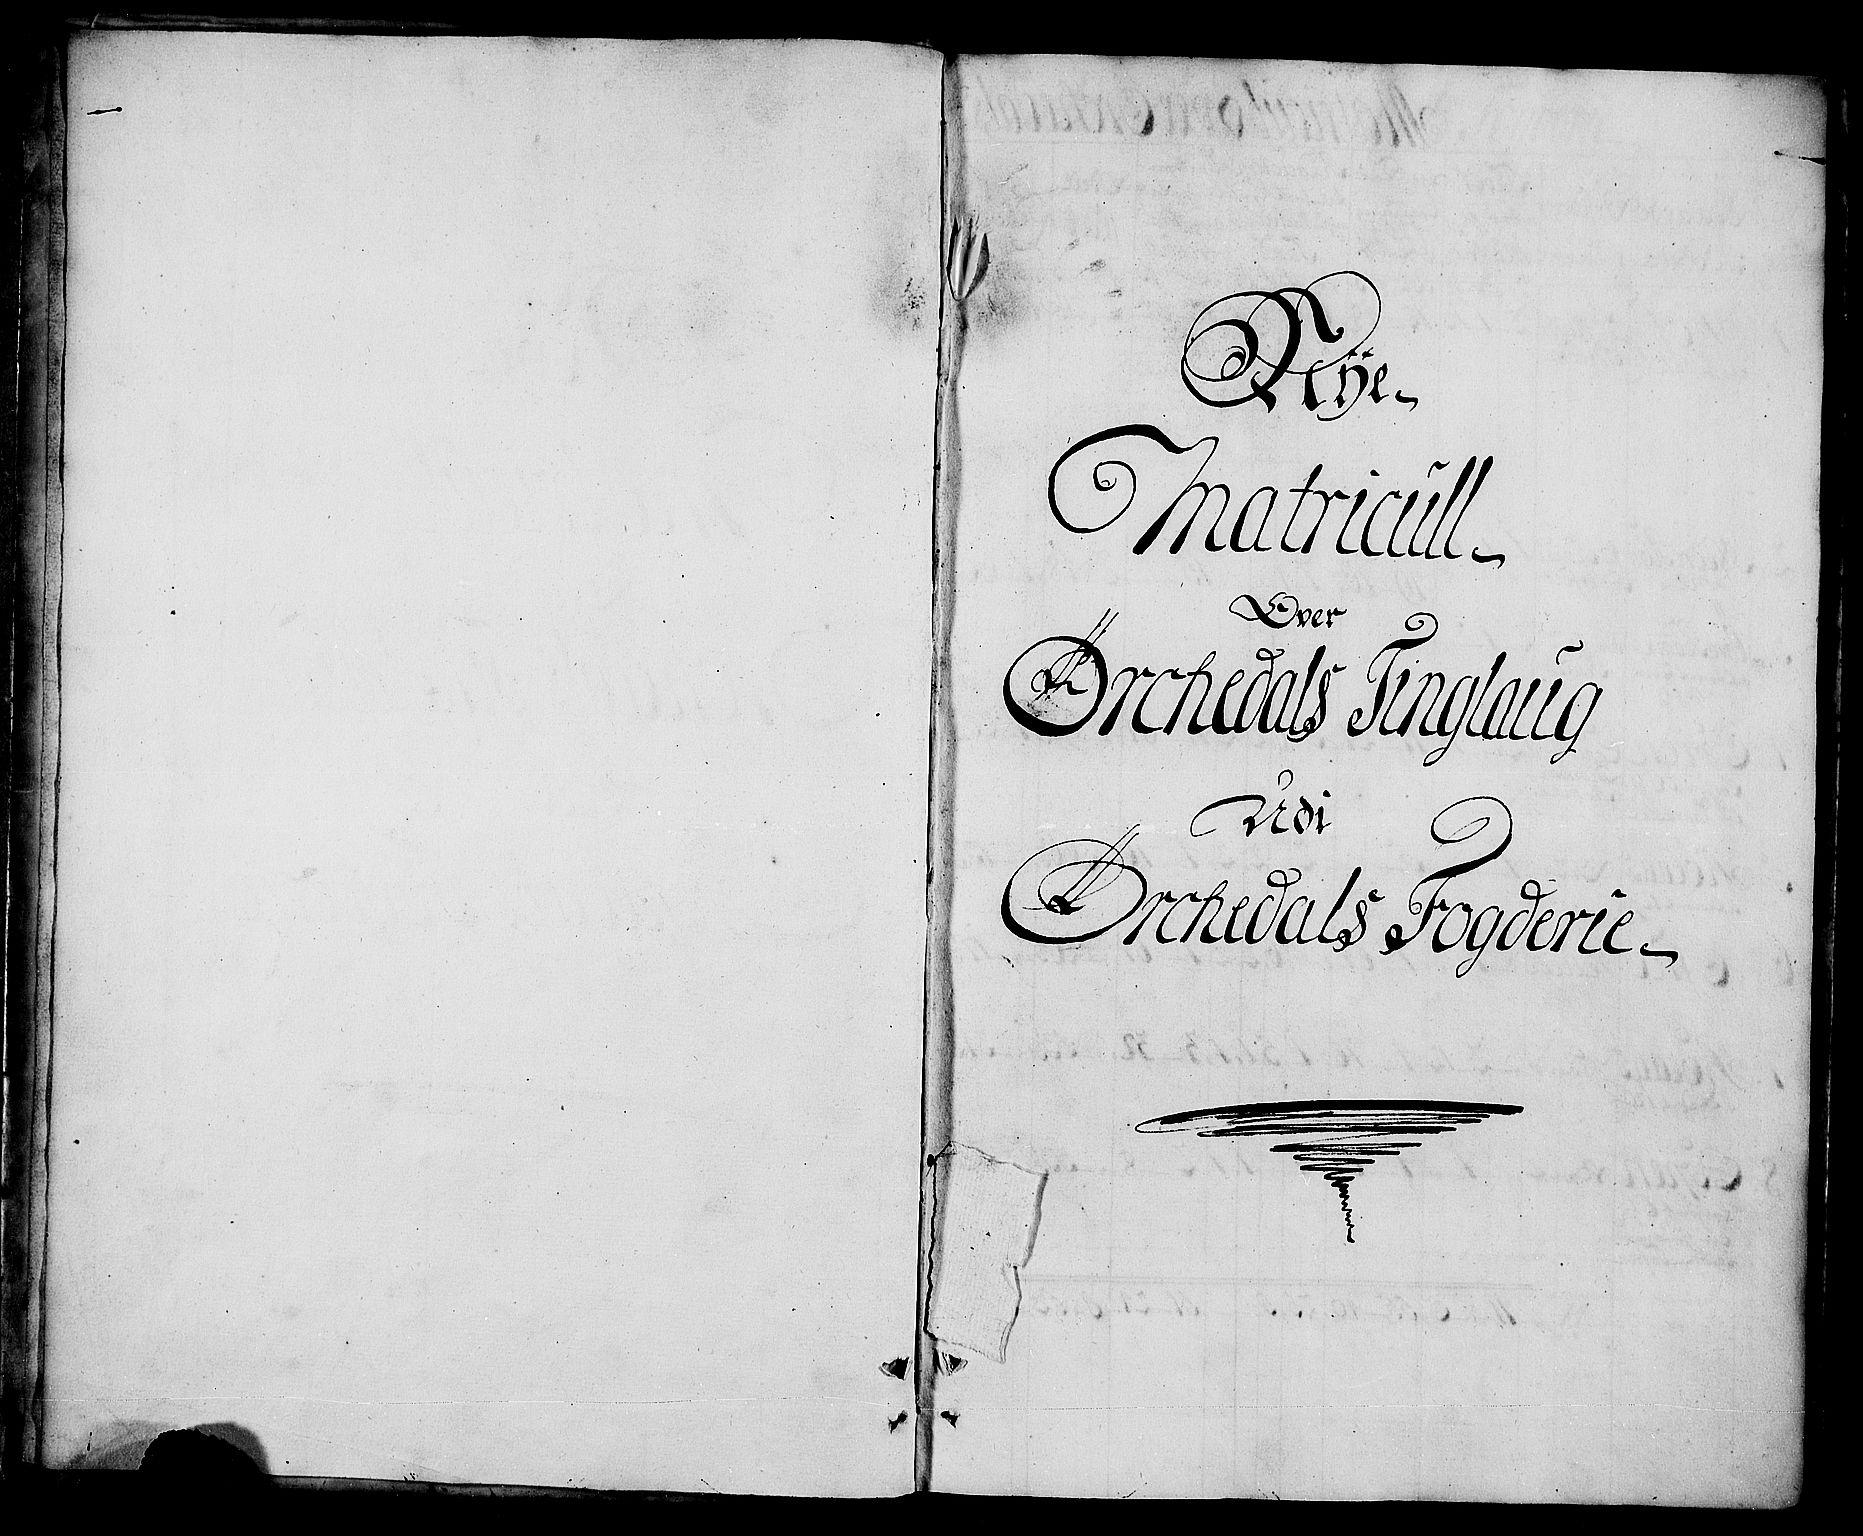 RA, Rentekammeret inntil 1814, Realistisk ordnet avdeling, N/Nb/Nbf/L0157: Orkdal matrikkelprotokoll, 1723, s. upaginert